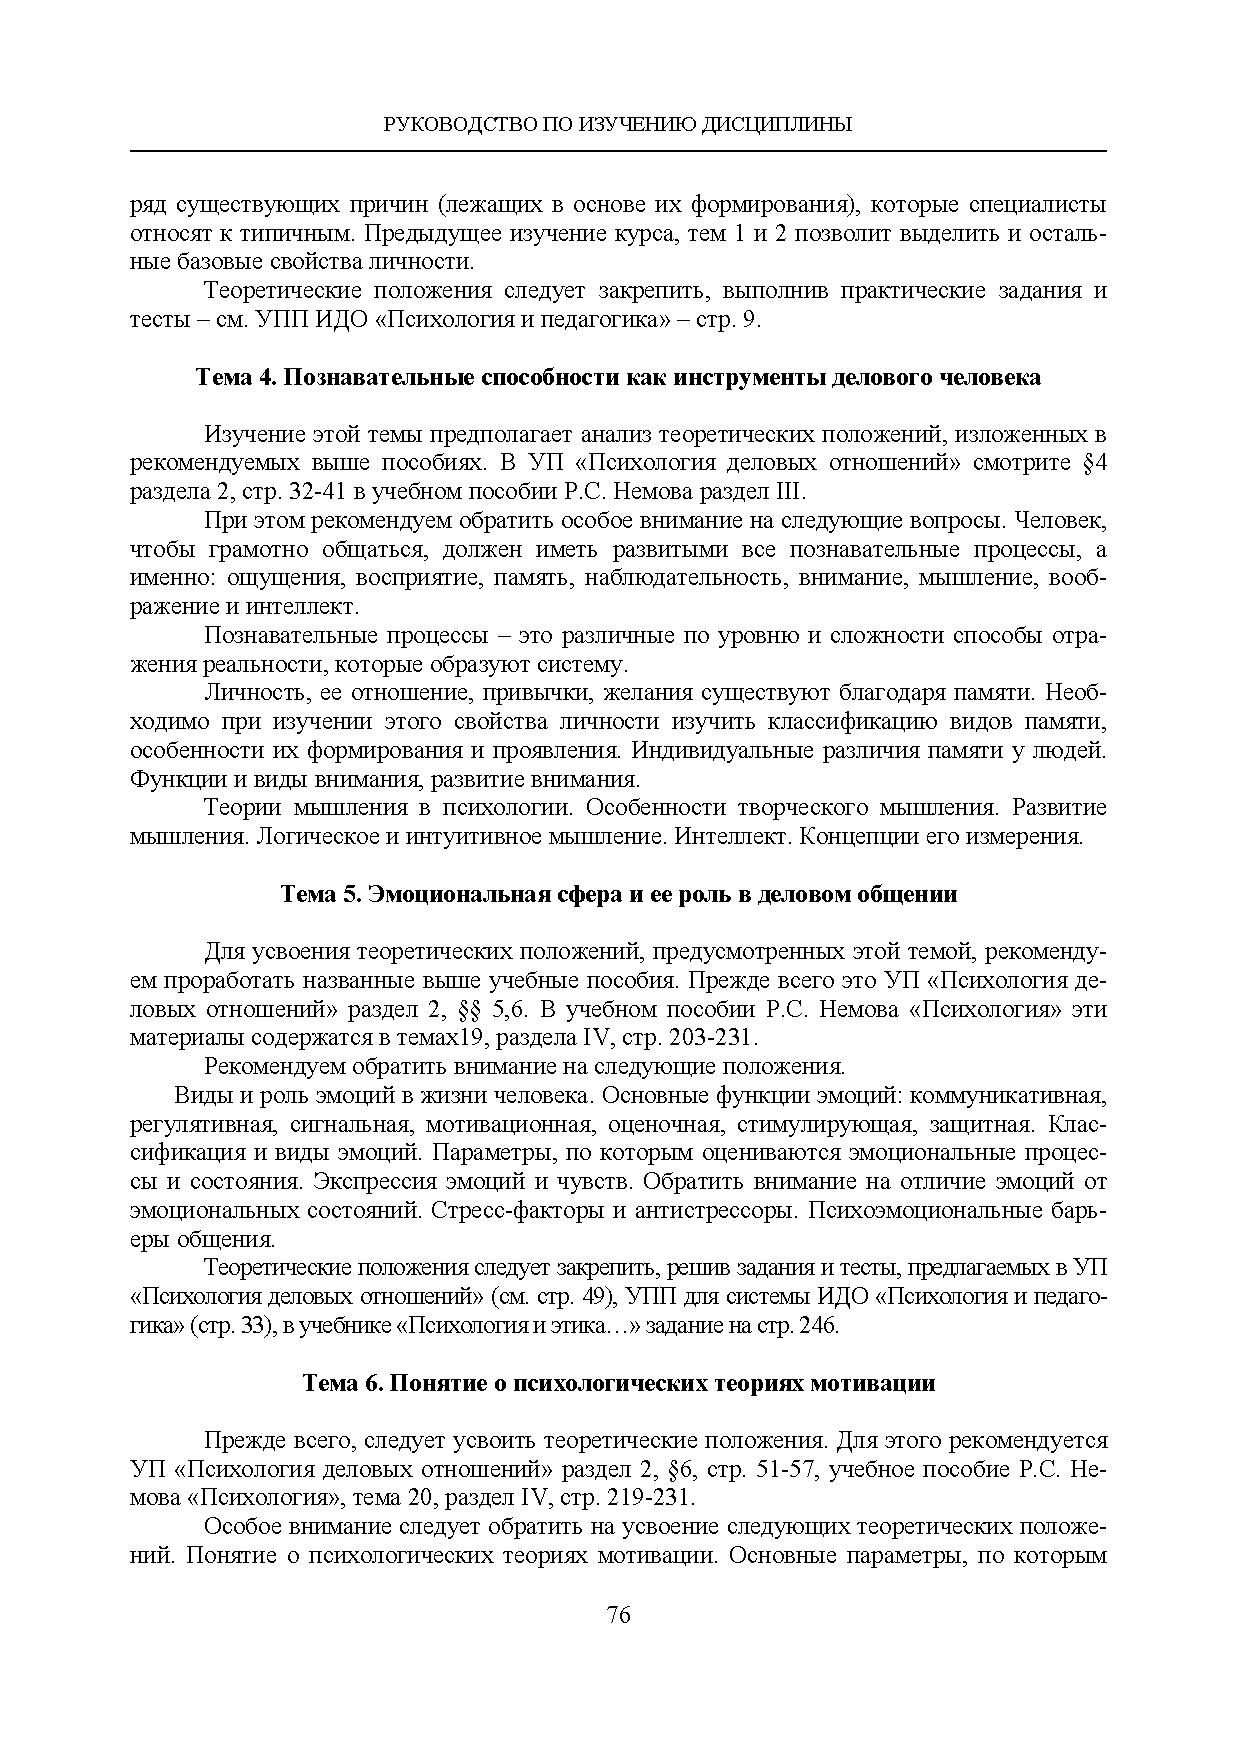 Деловое общение: правила и приёмы